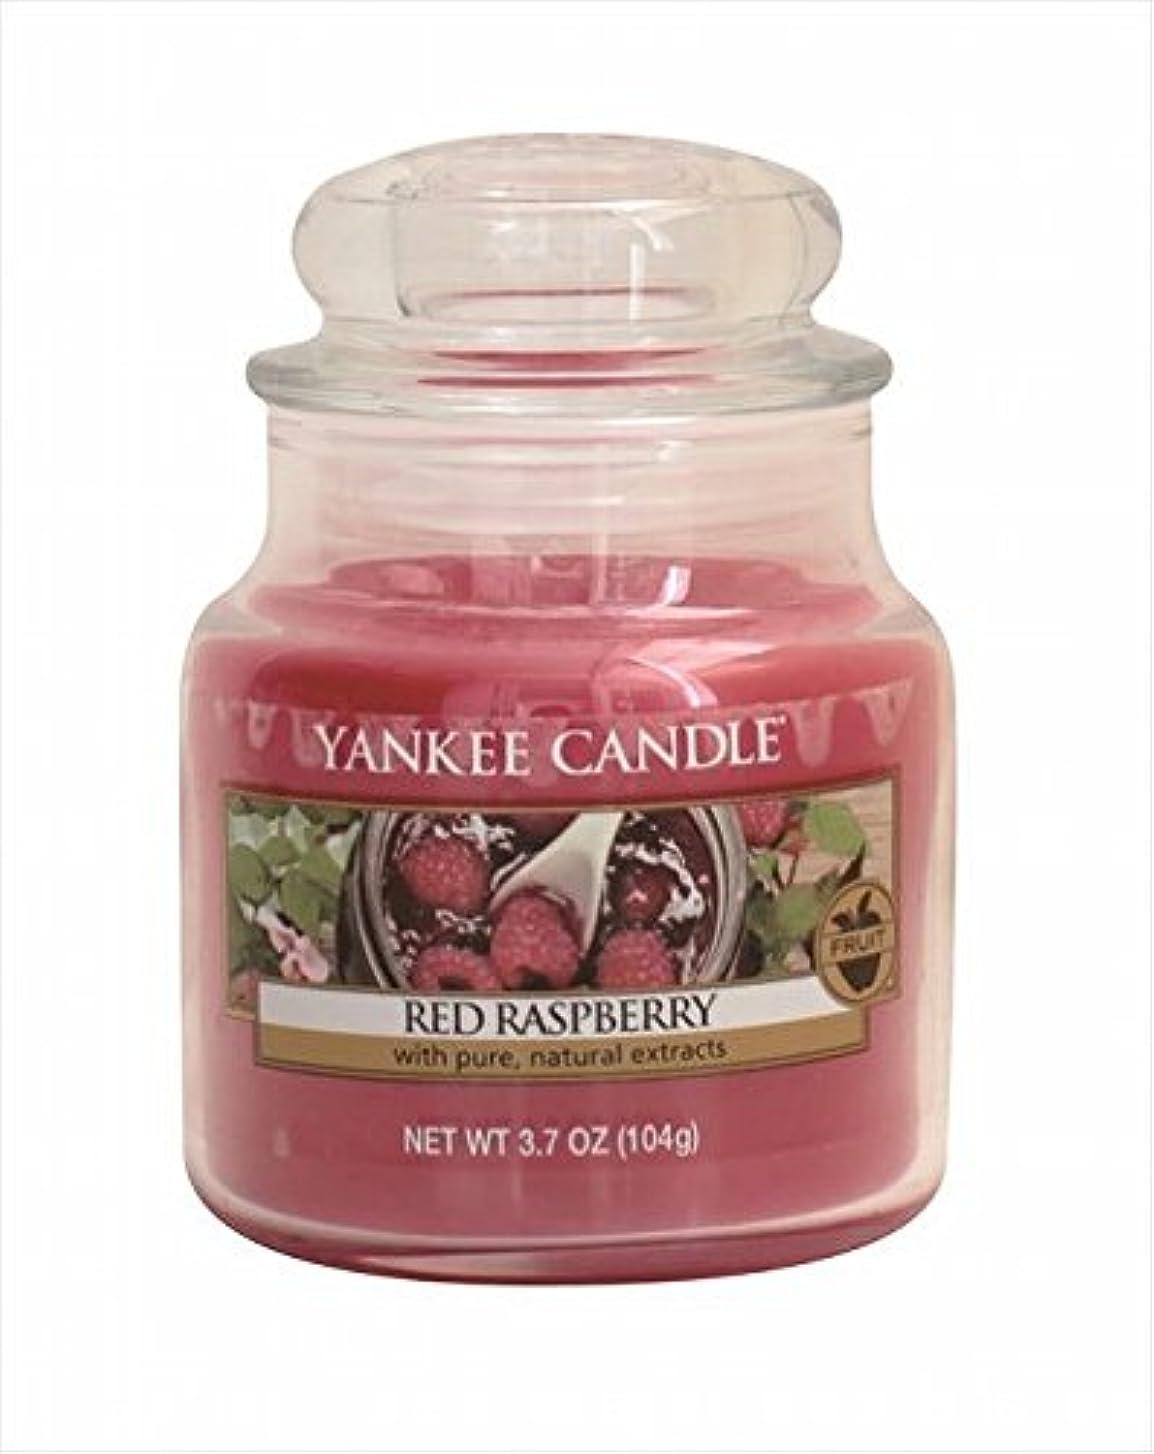 ヤンキーキャンドル(YANKEE CANDLE) YANKEE CANDLEジャーS 「 レッドラズベリー 」